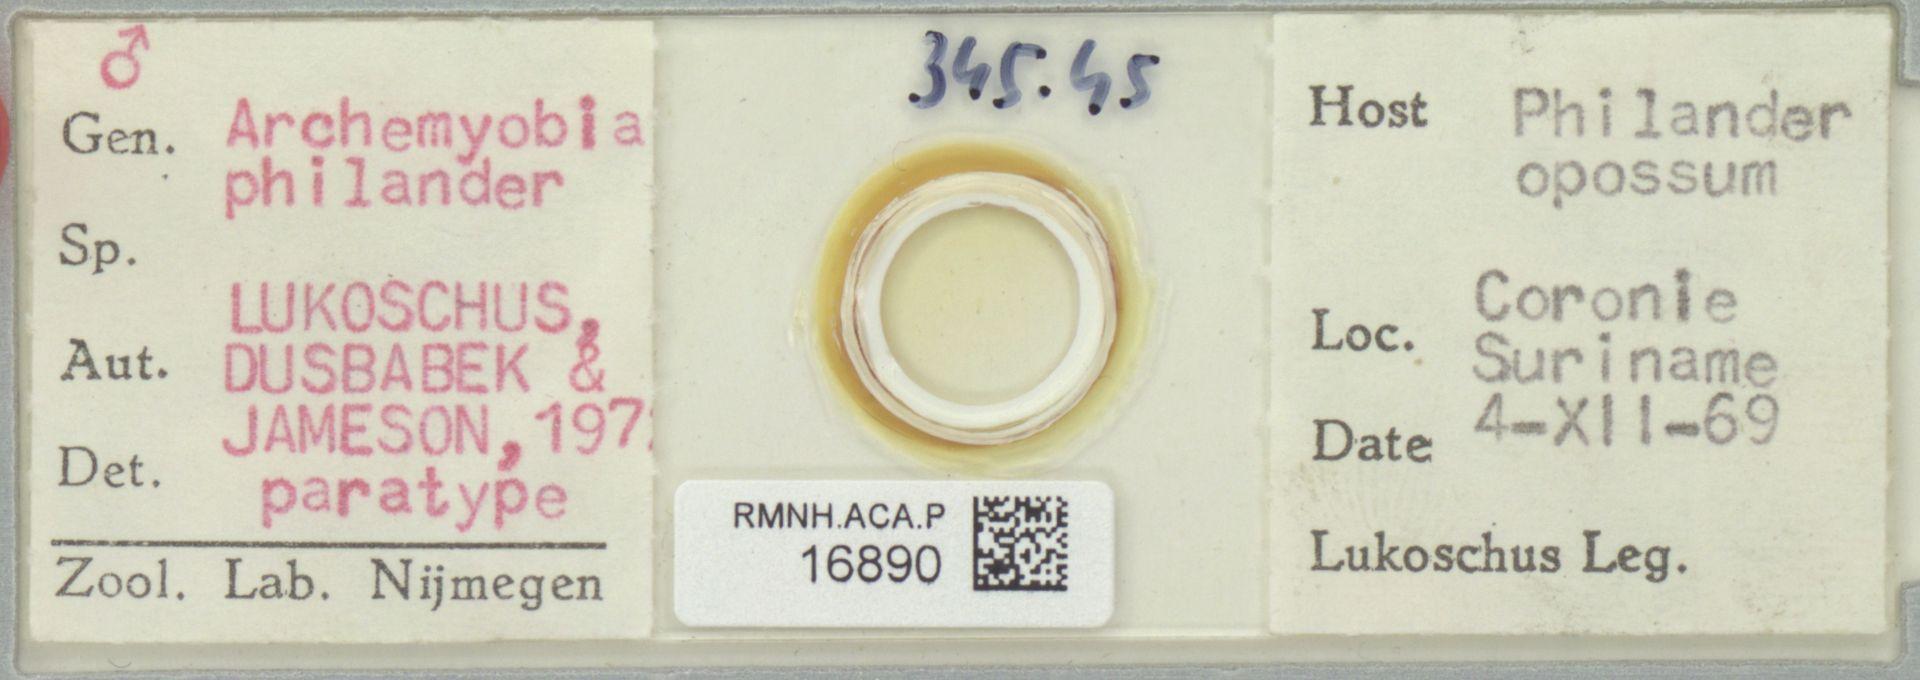 RMNH.ACA.P.16890 | Archemyobia philander